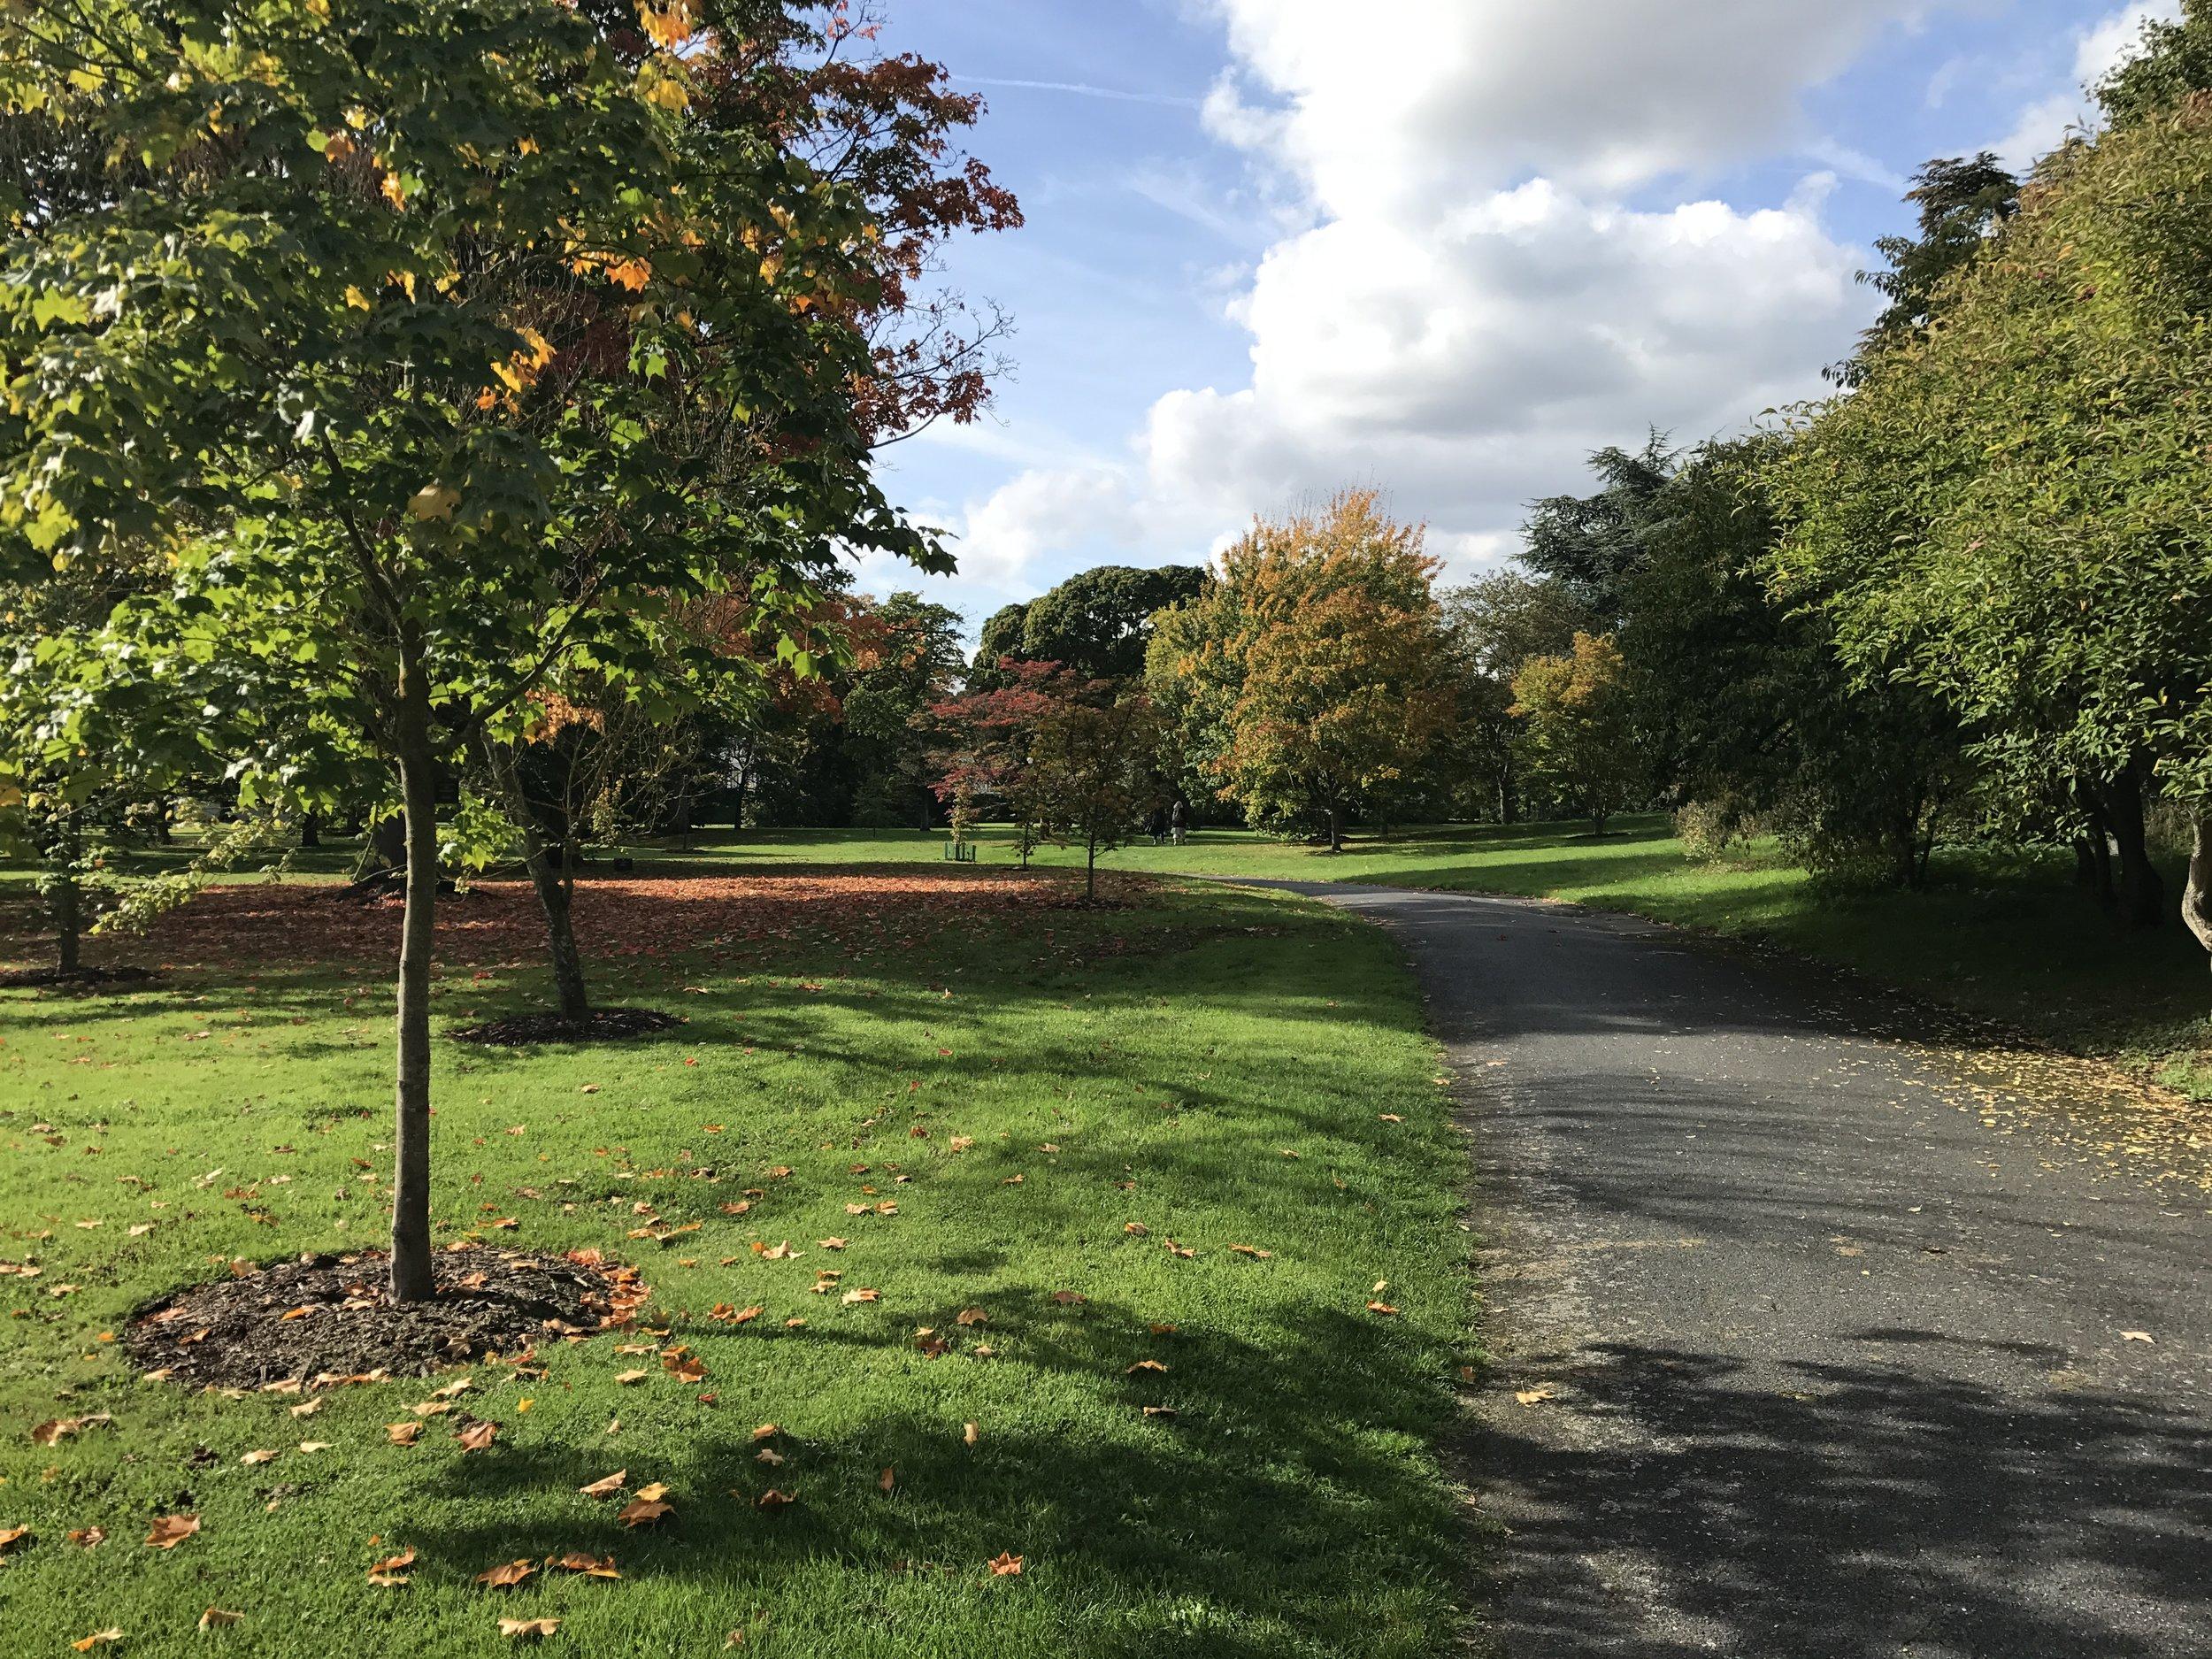 Kew Gardens – Pathway